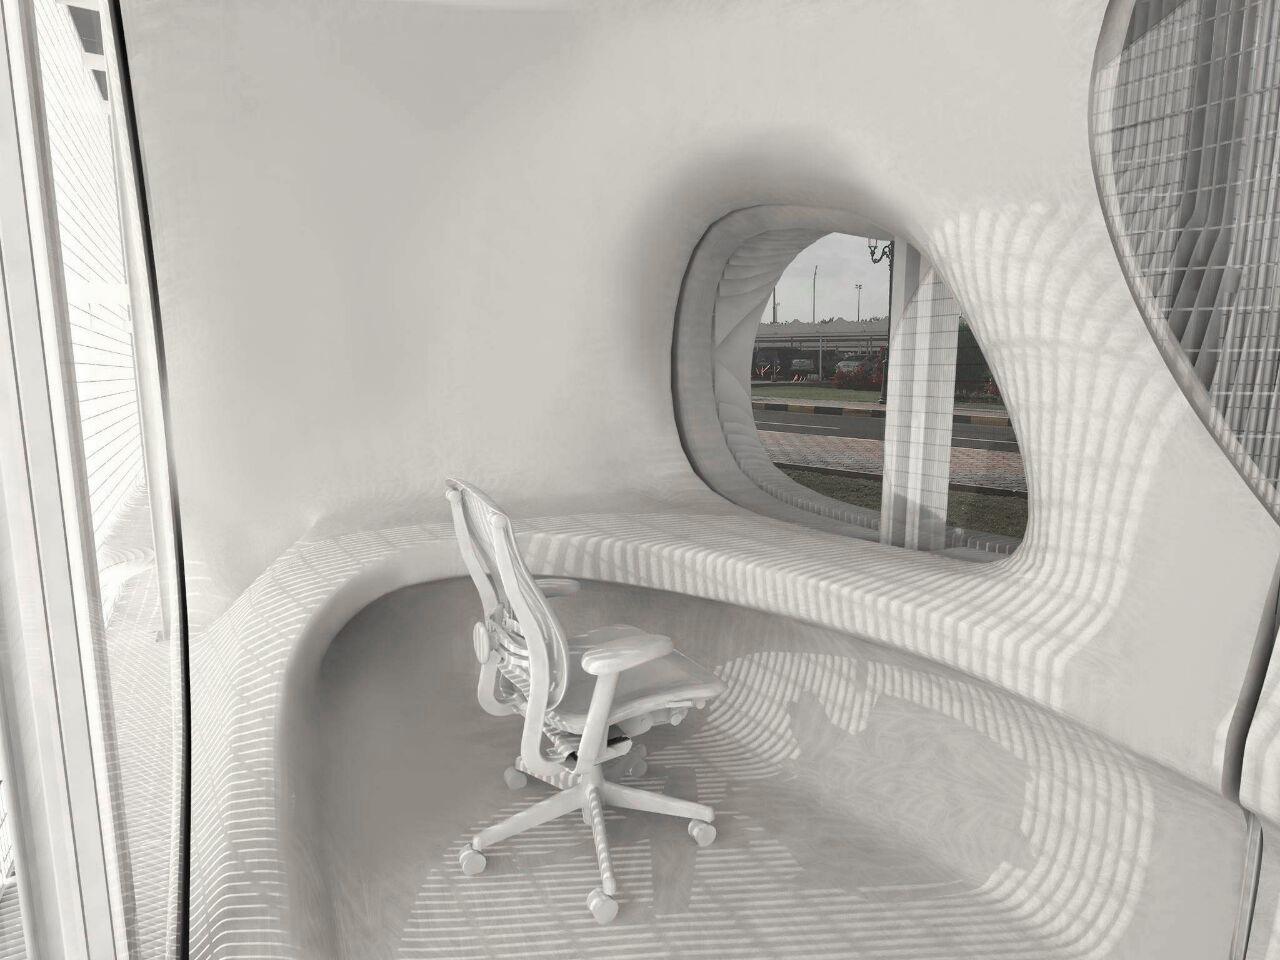 View of Interior of Security Booth Sarah Awada}